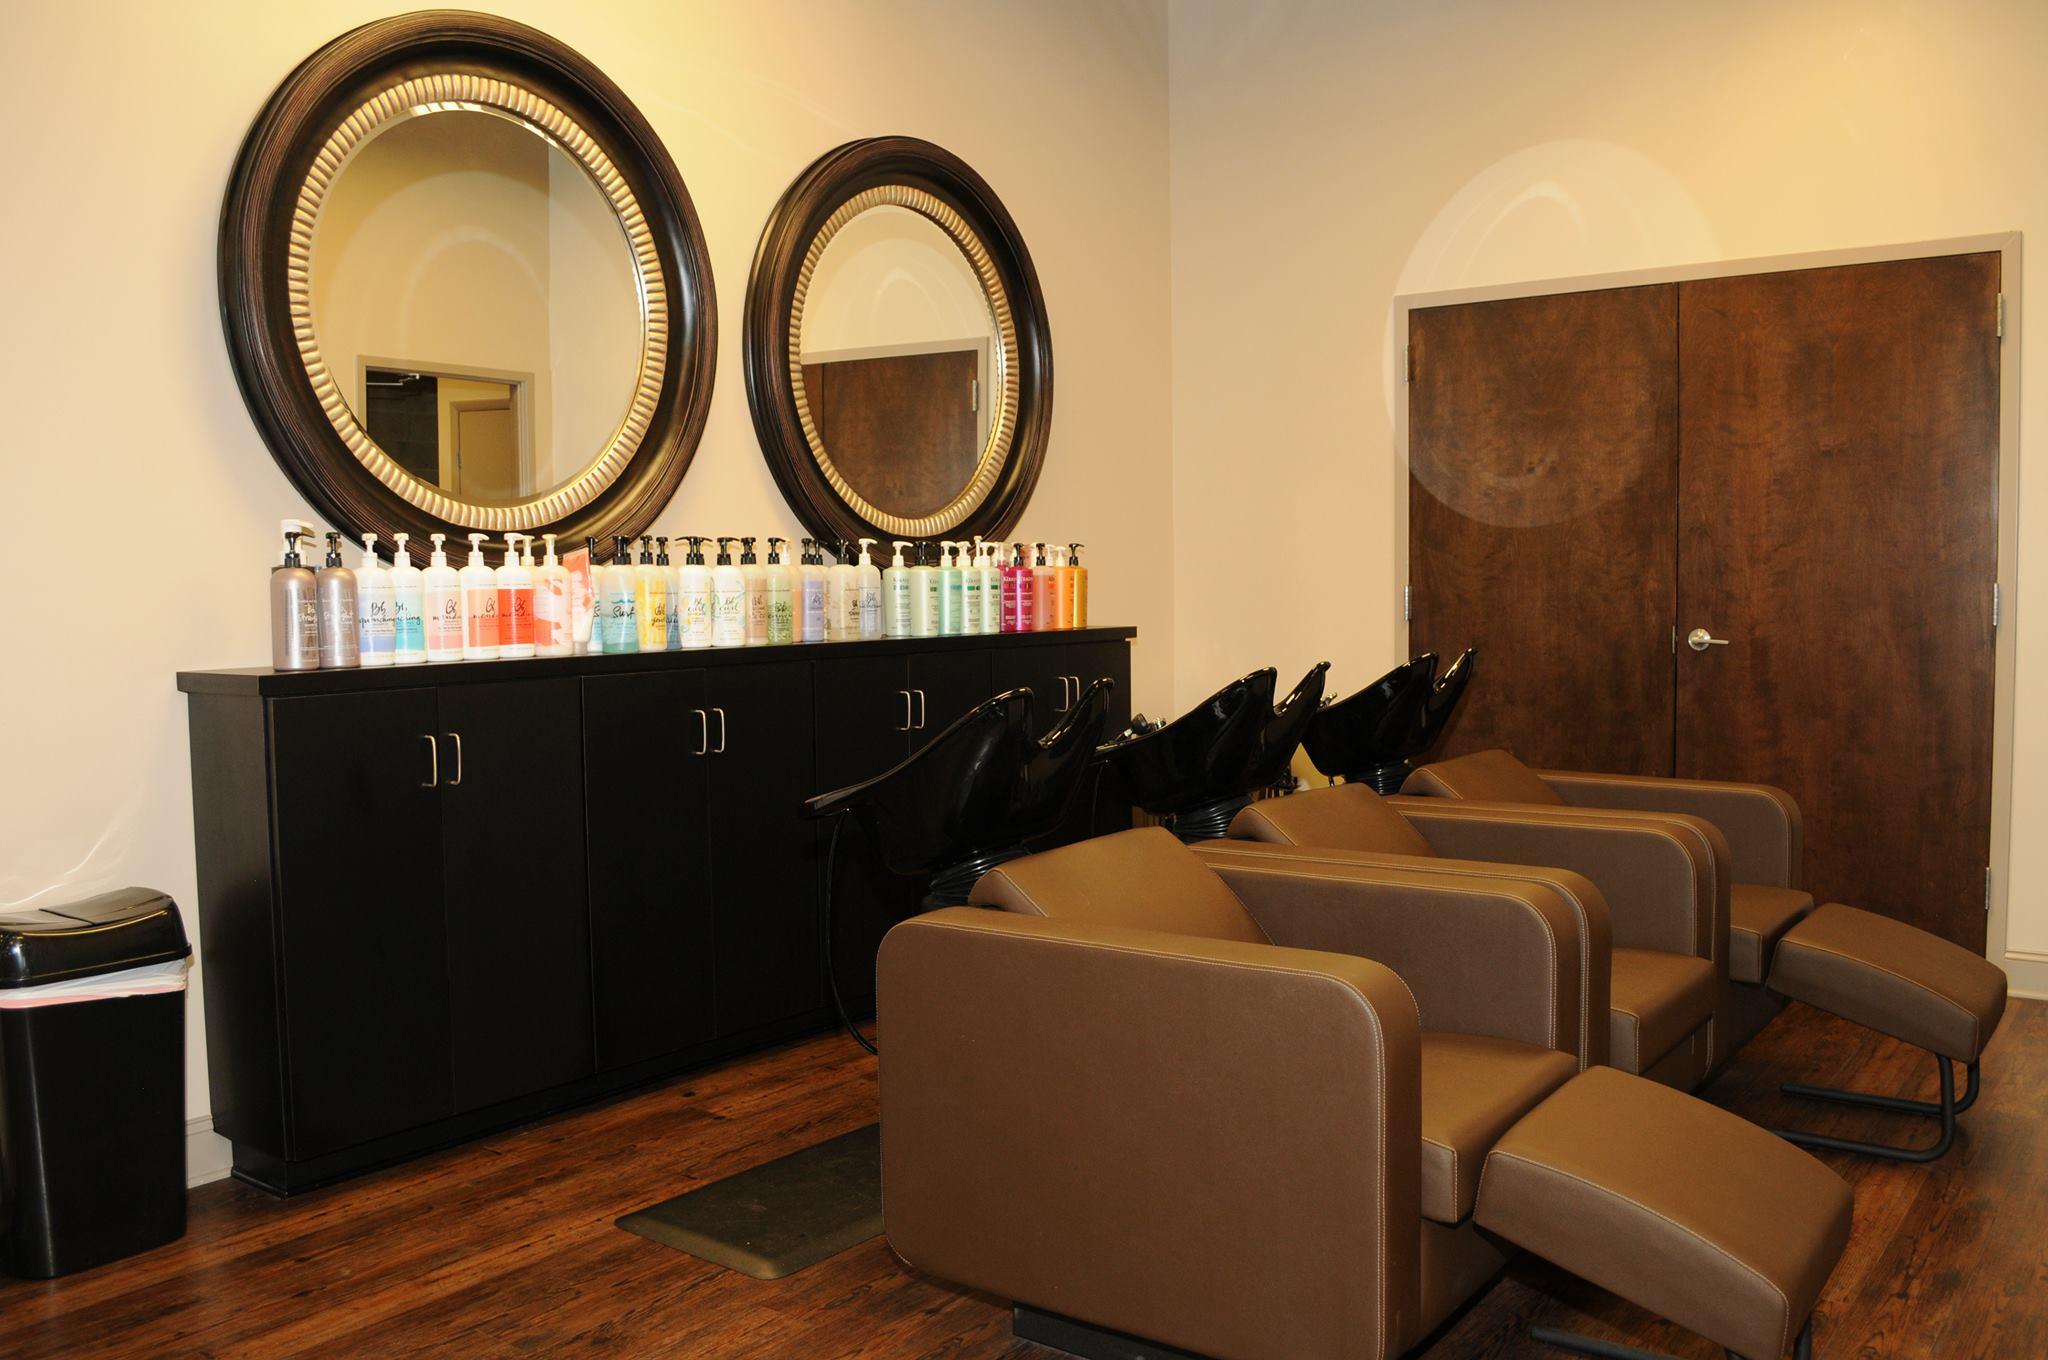 Alabama's Top Rated Local® Beauty Salon Award Winner: Terrame Day Spa & Salon